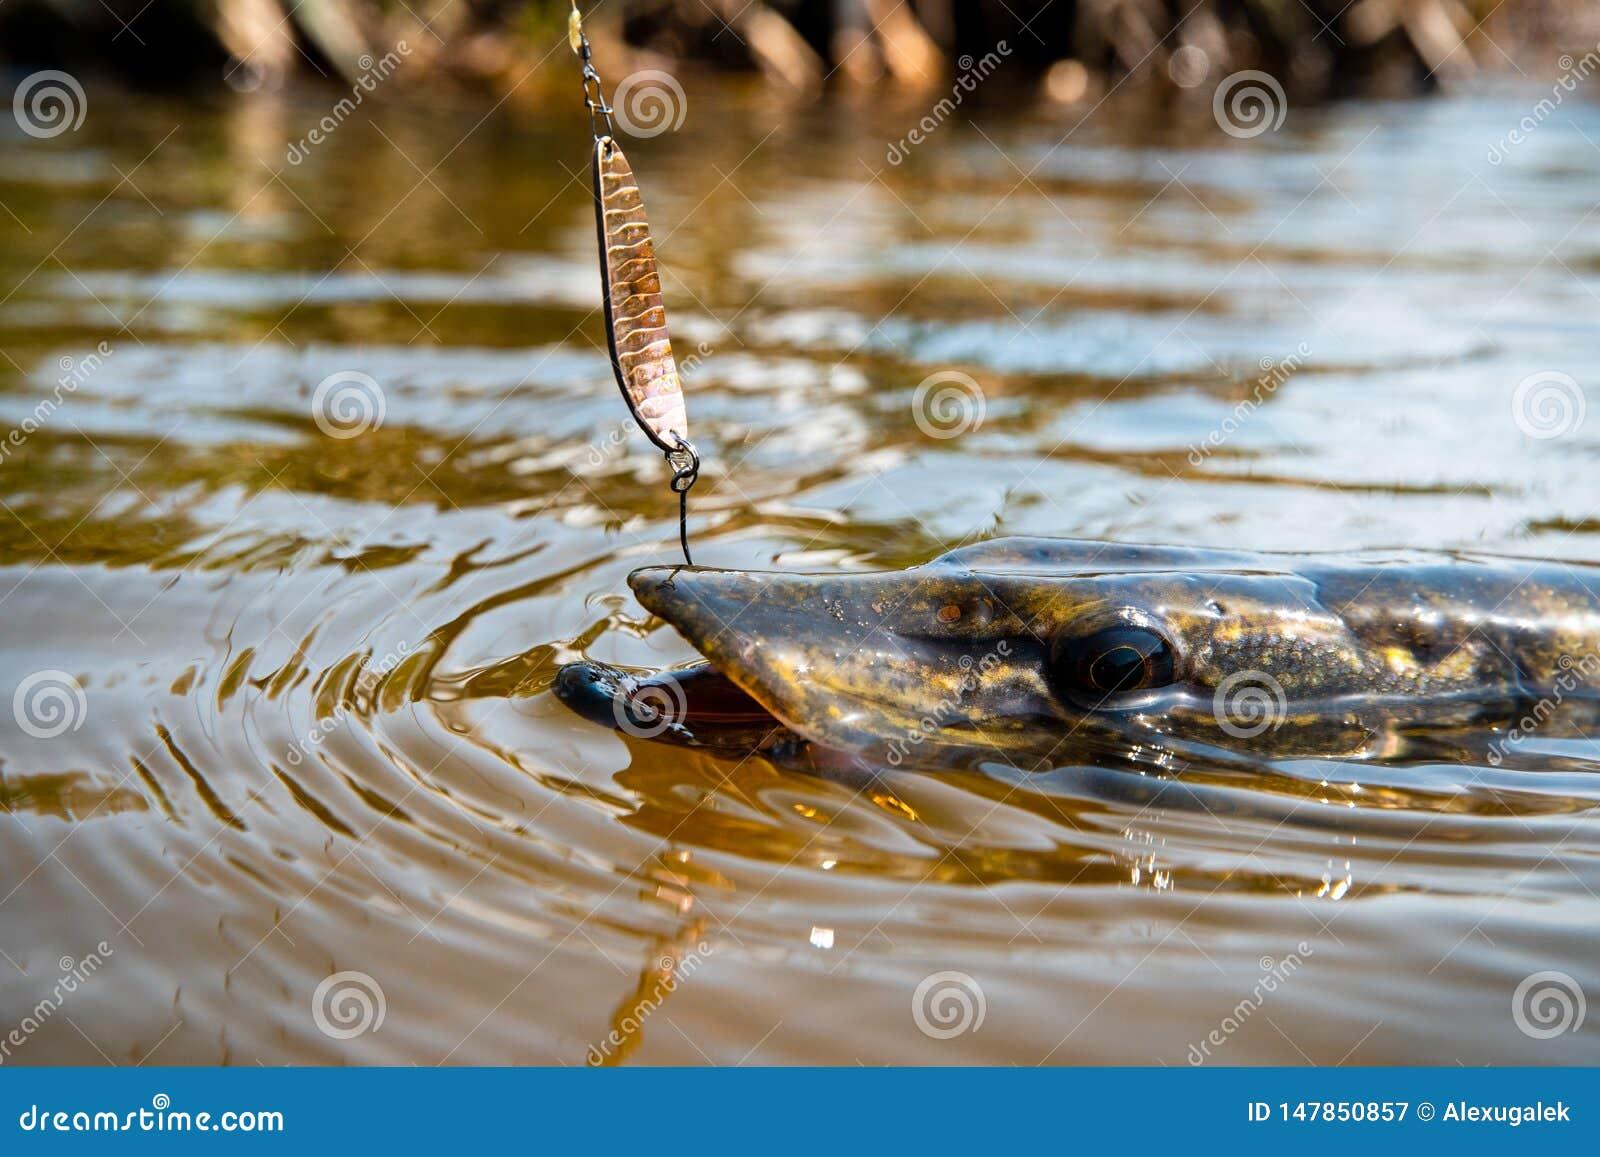 Angling predator fish